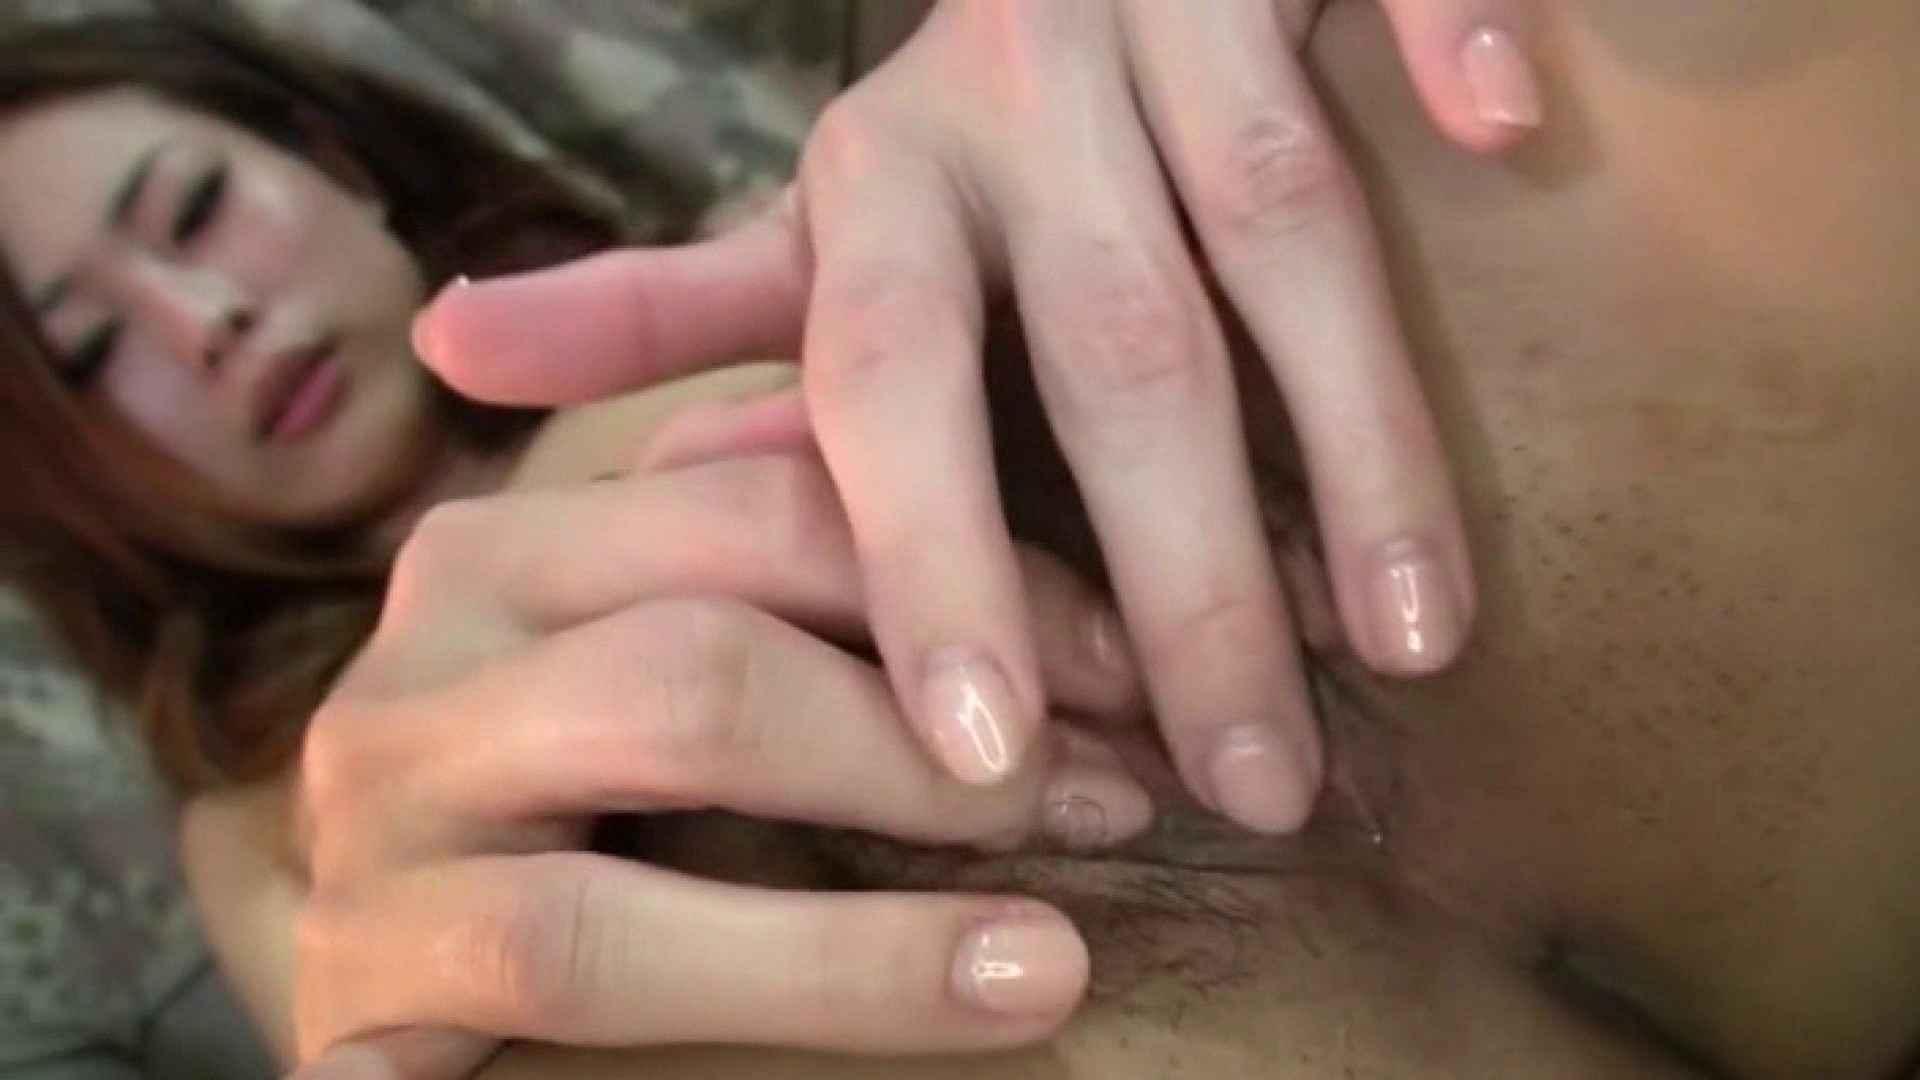 おしえてギャル子のH塾 Vol.34前編 手マン セックス画像 109連発 89